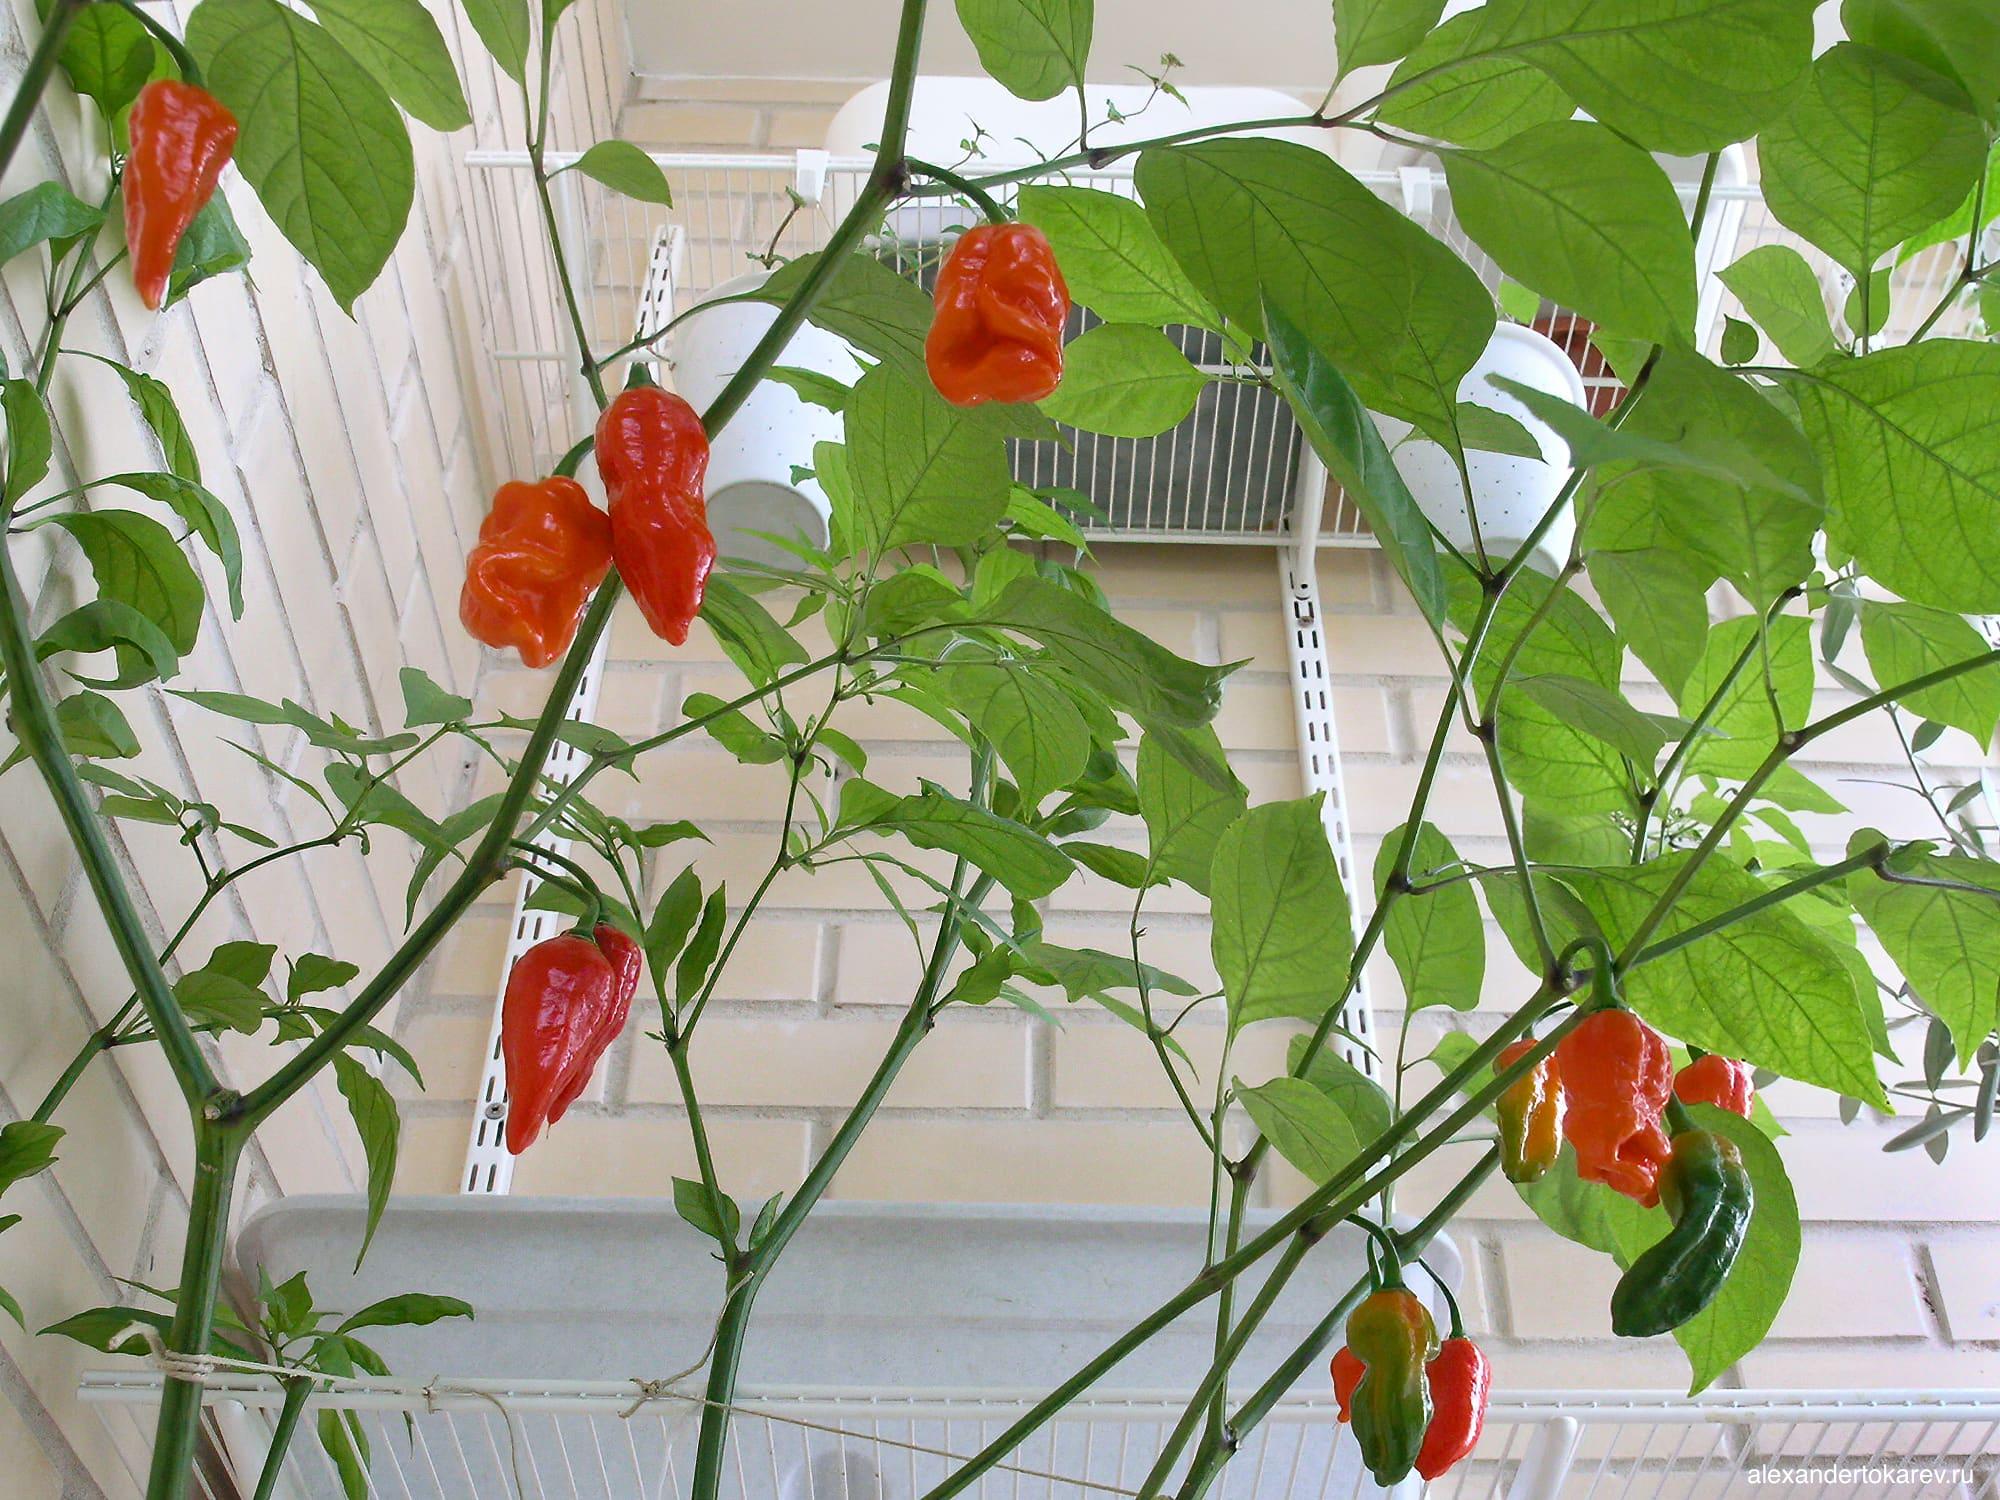 Перец Trinidad Scorpion на балконе